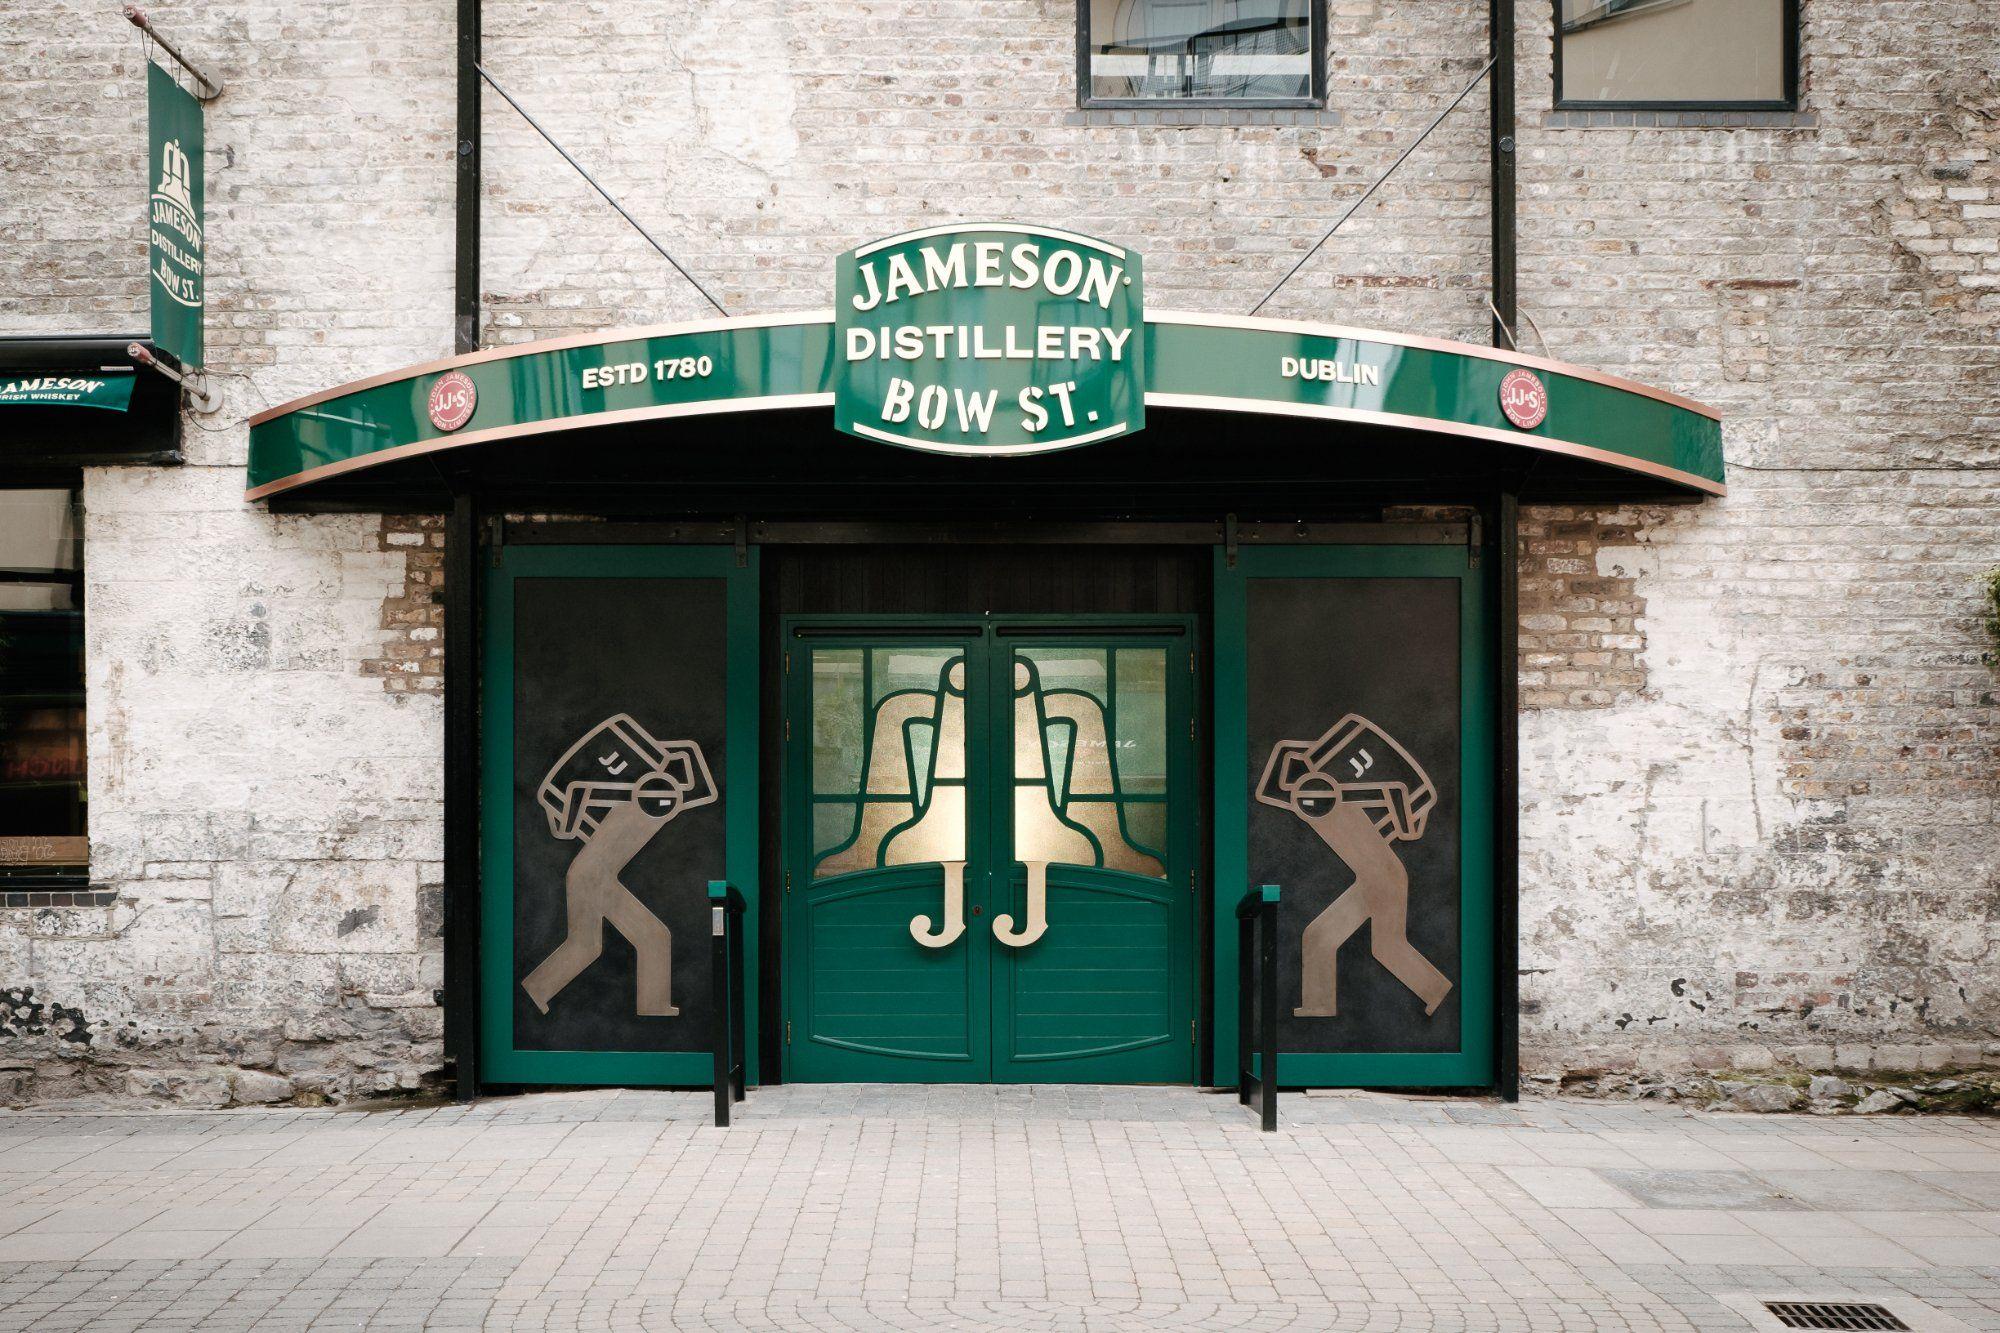 Celebrating the Best of Irish Whiskey & Irish Craft Spirits